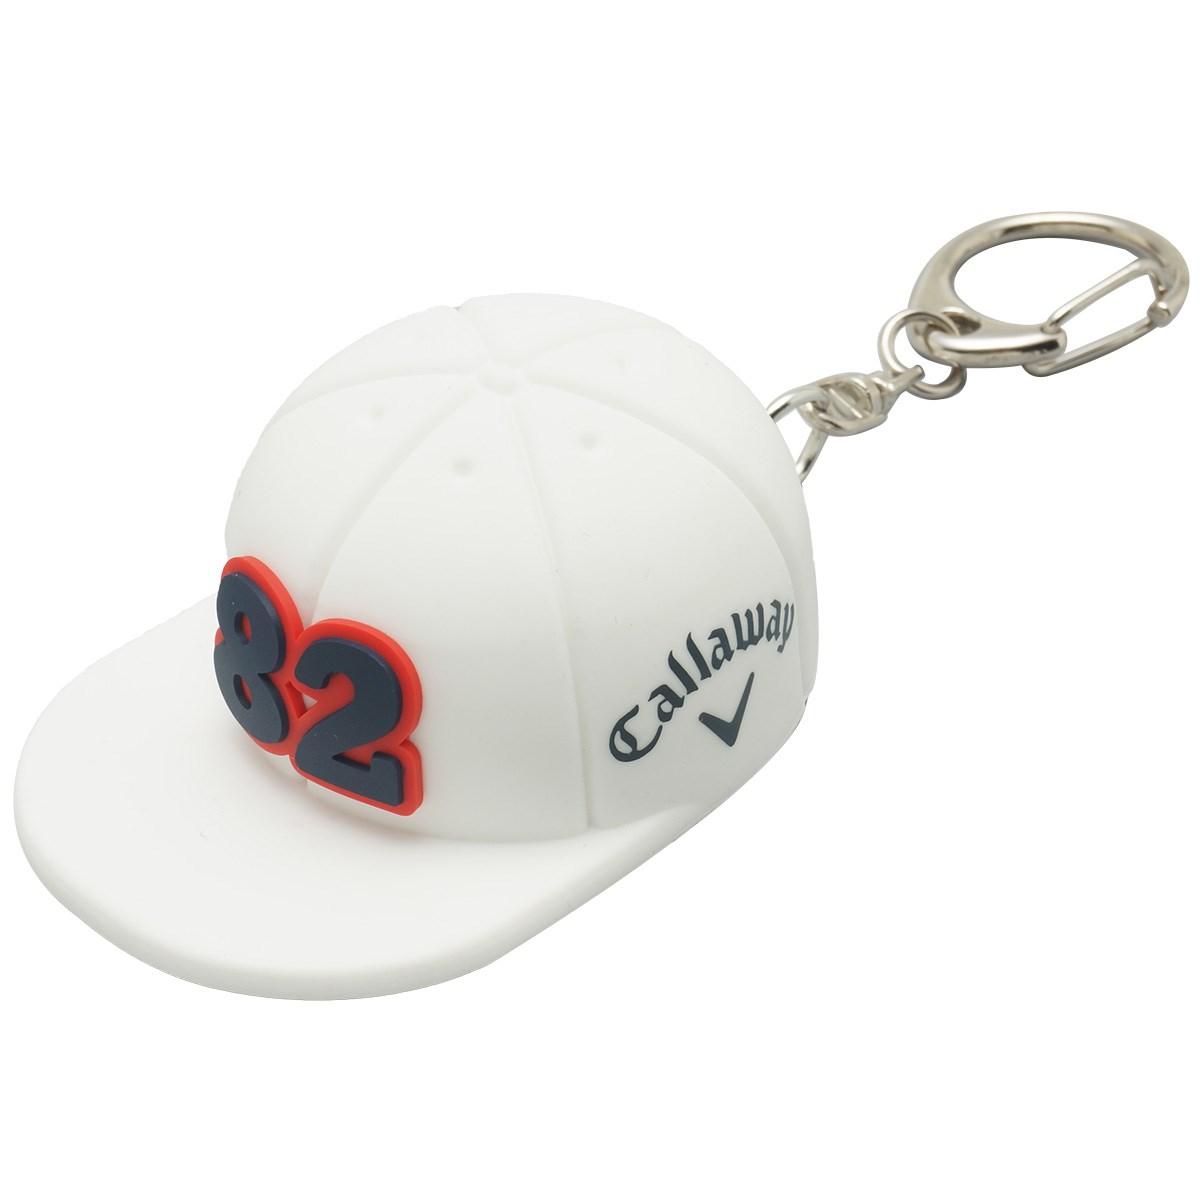 キャロウェイゴルフ Callaway Golf シリコンキャップ型ボールポーチ ホワイト 030